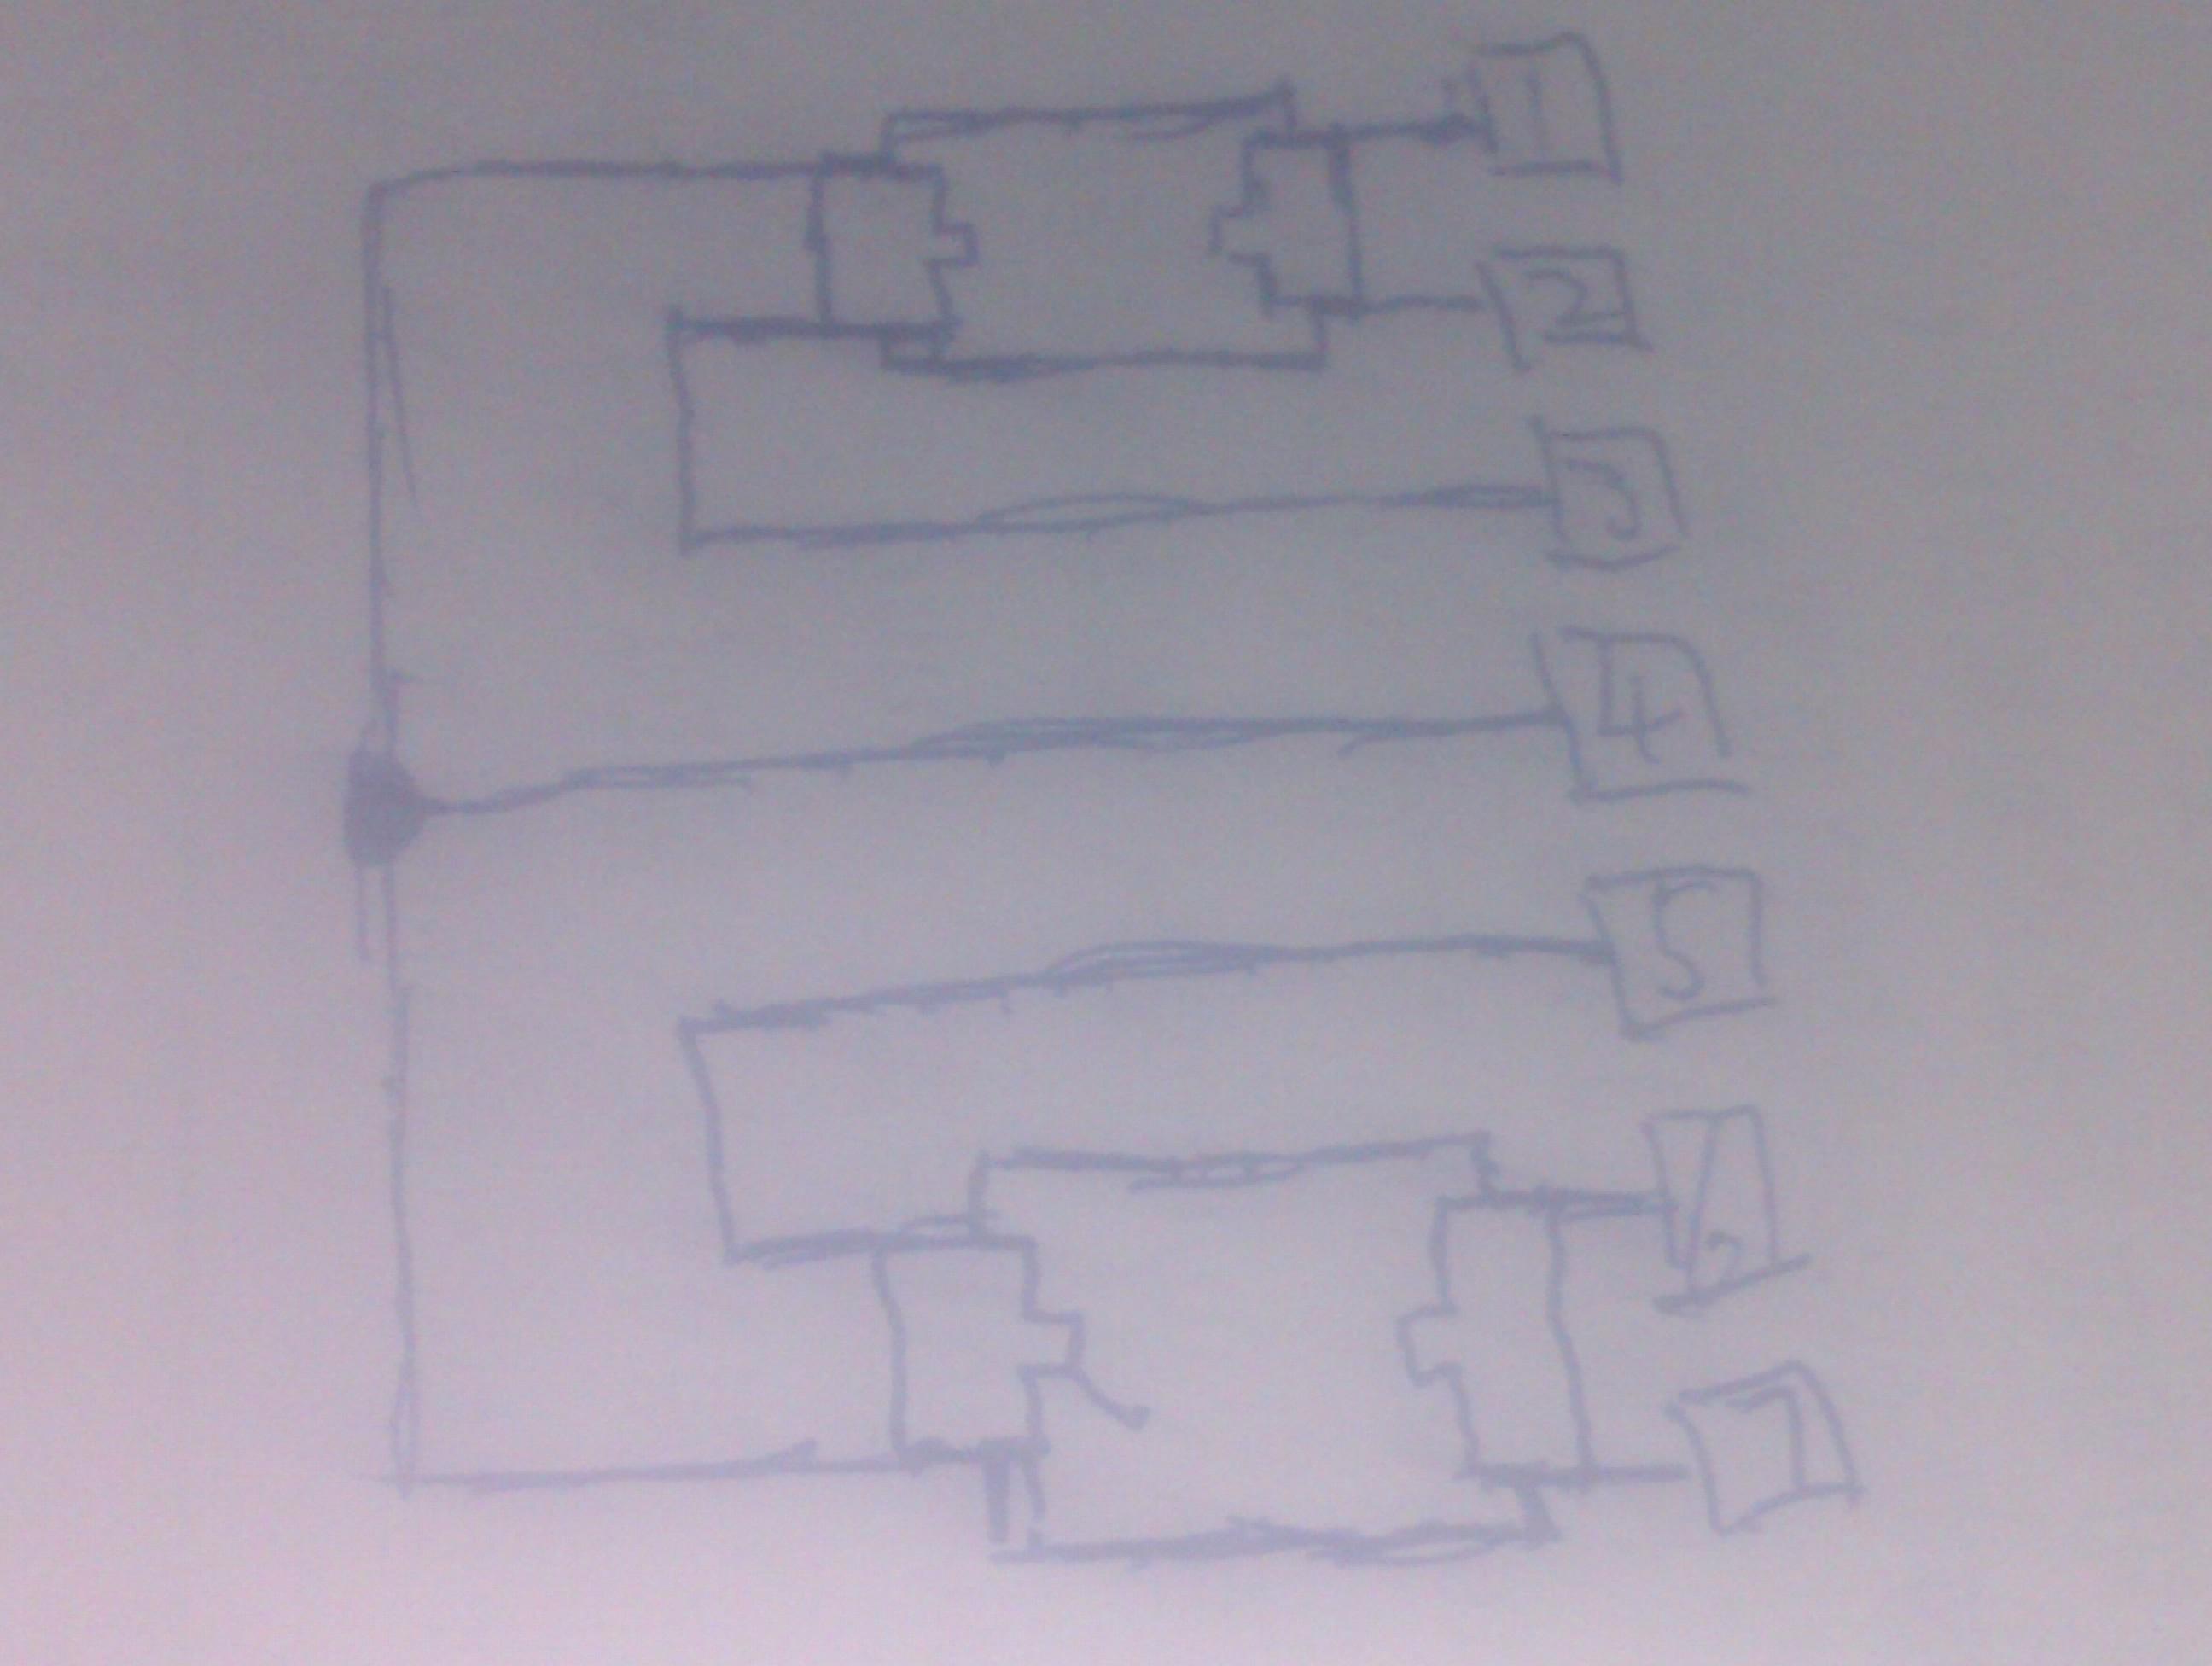 飞利浦照明 ebc228 荧光灯一拖二电子镇流器高清图片